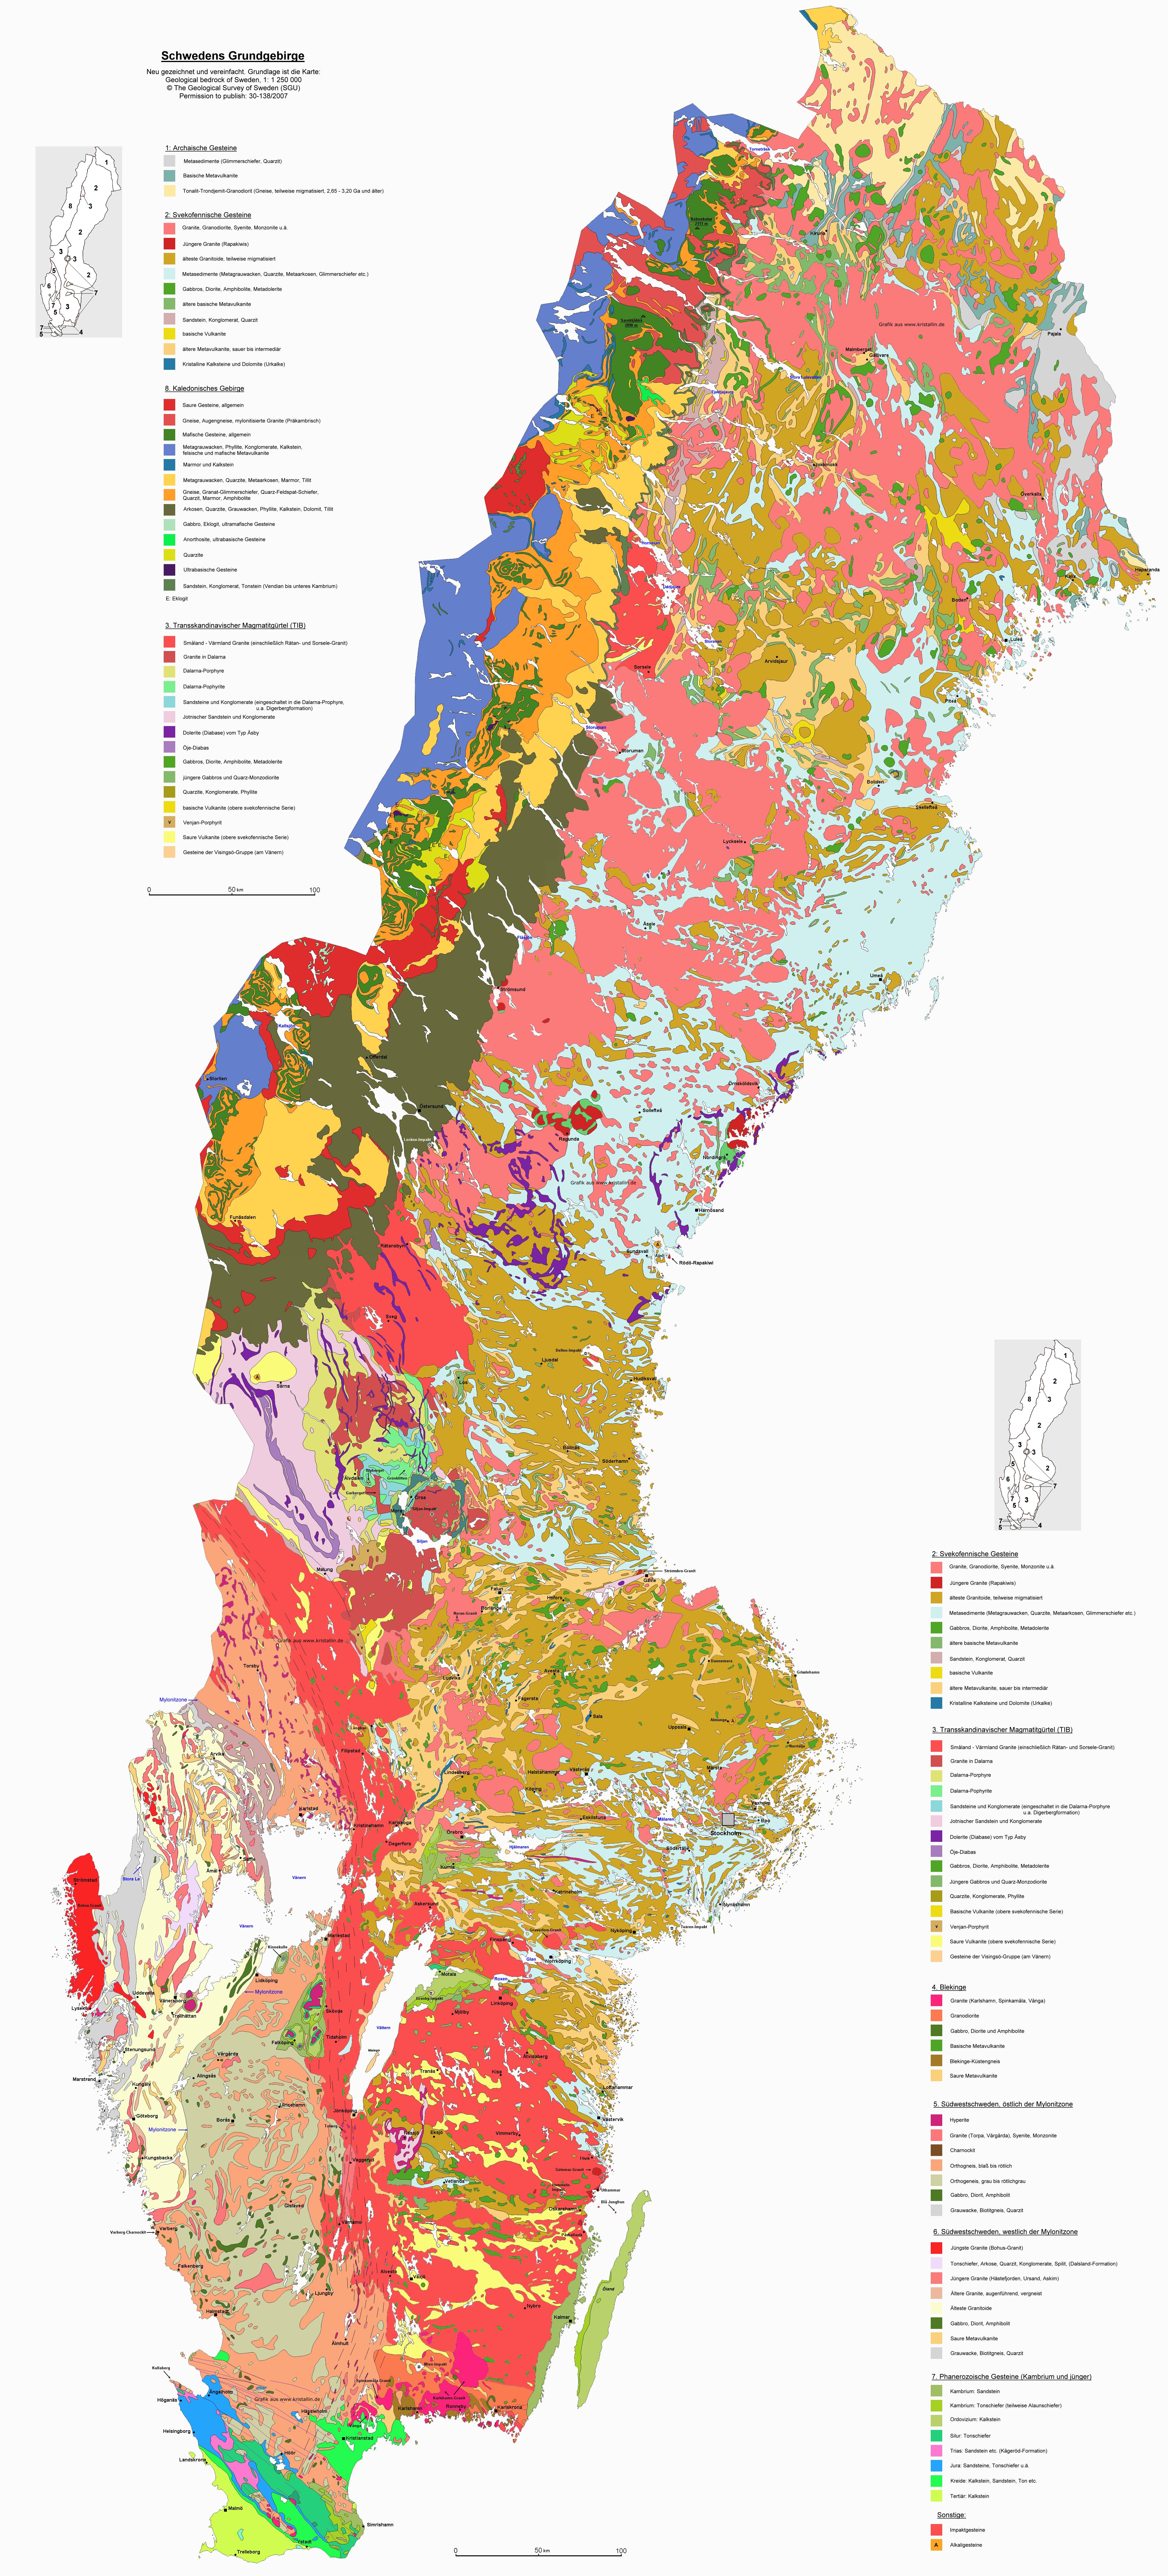 Skandinavien Karte Pdf.Geologische Karten Von Skandinavien Schweden Finnland